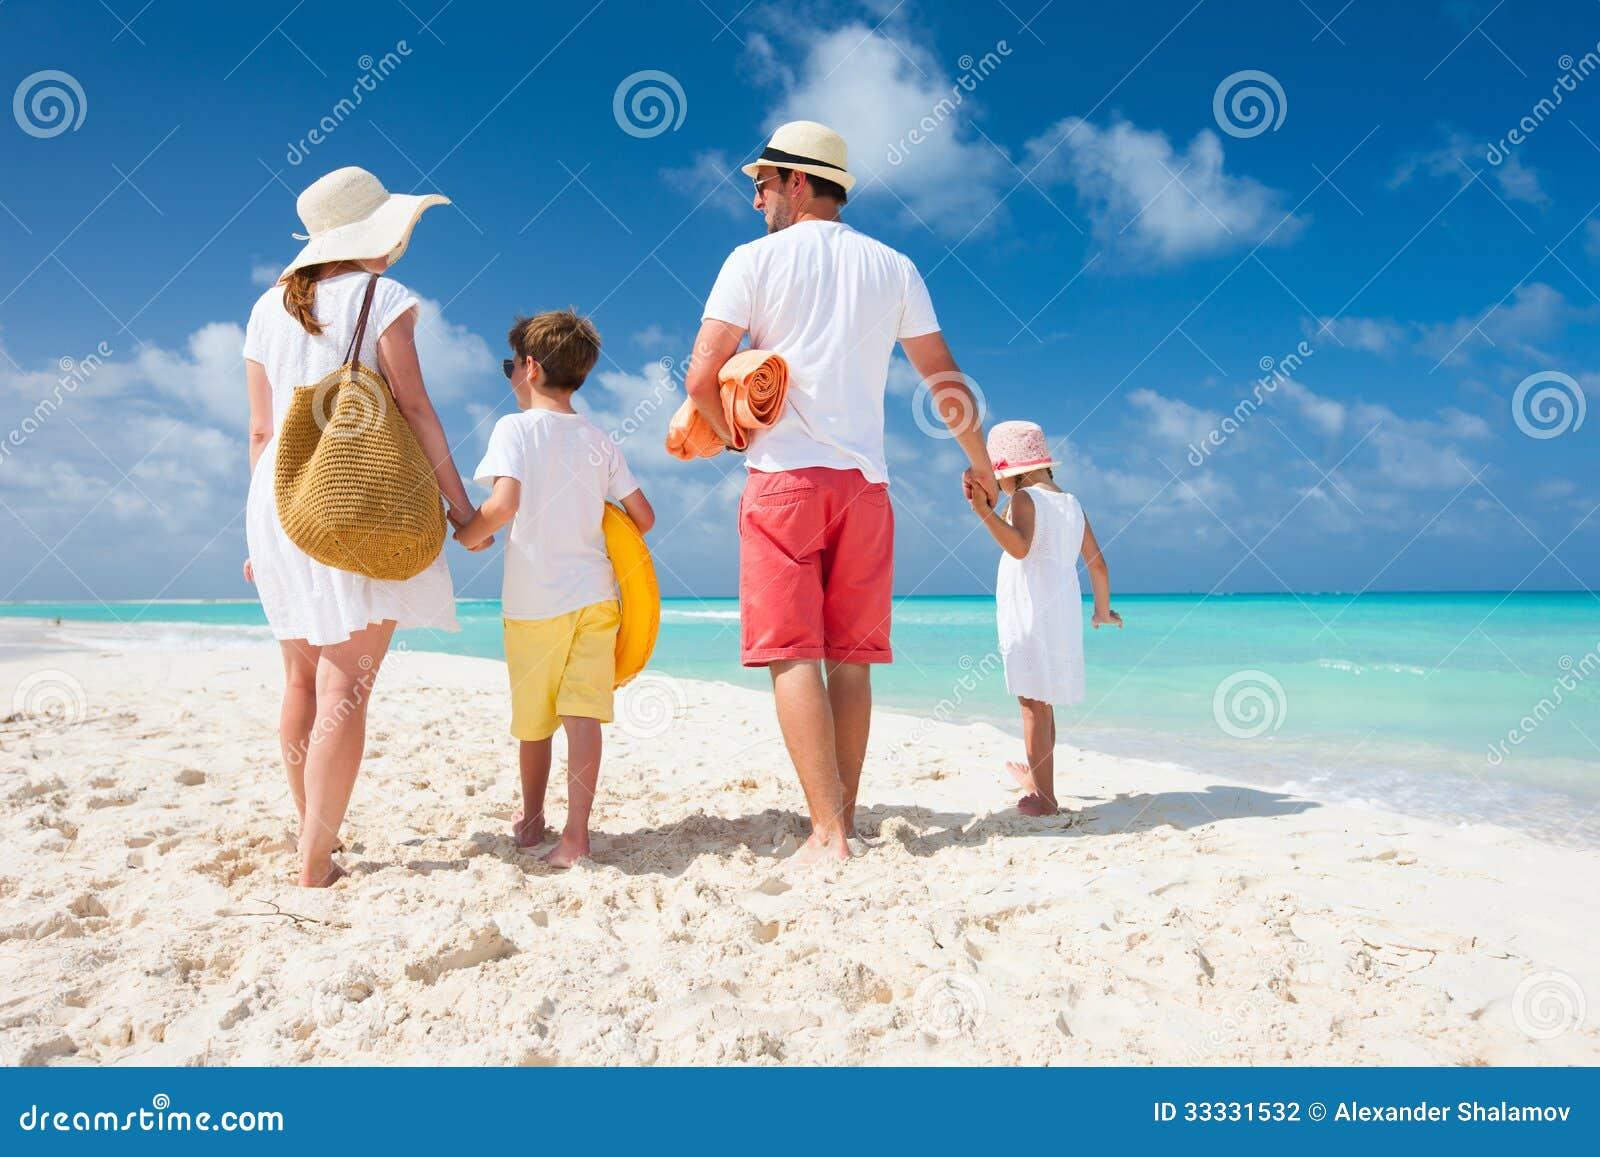 Семейный отдых на пляже фото 1 фотография